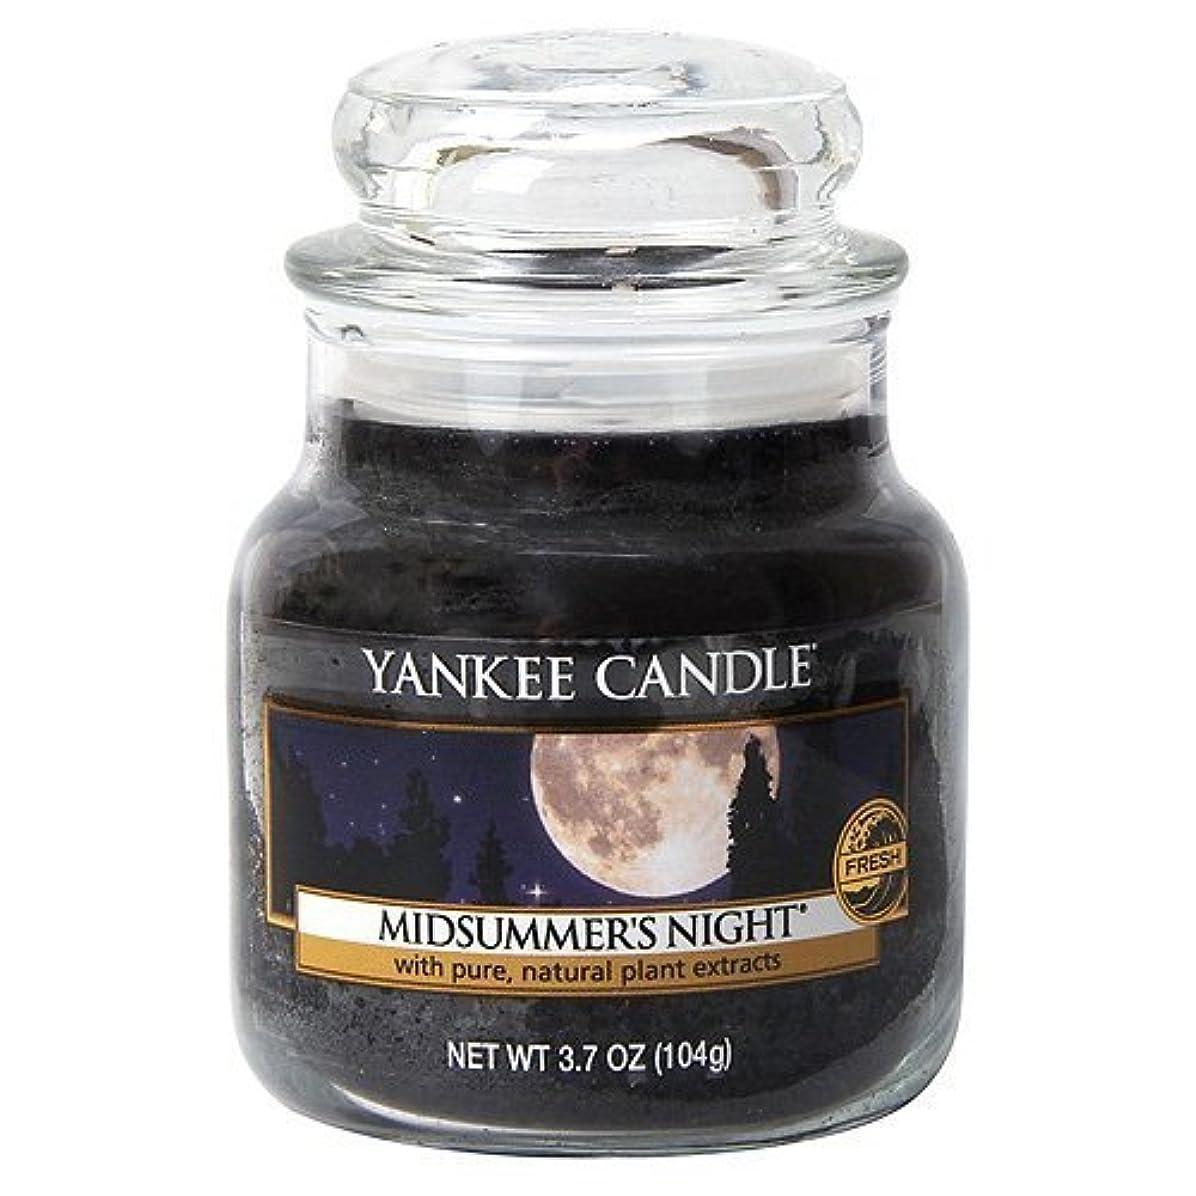 マウスピース法令厳密にYankee Candle Midsummer's Night Small Jar Candle, Fresh Scent by Yankee Candle [並行輸入品]